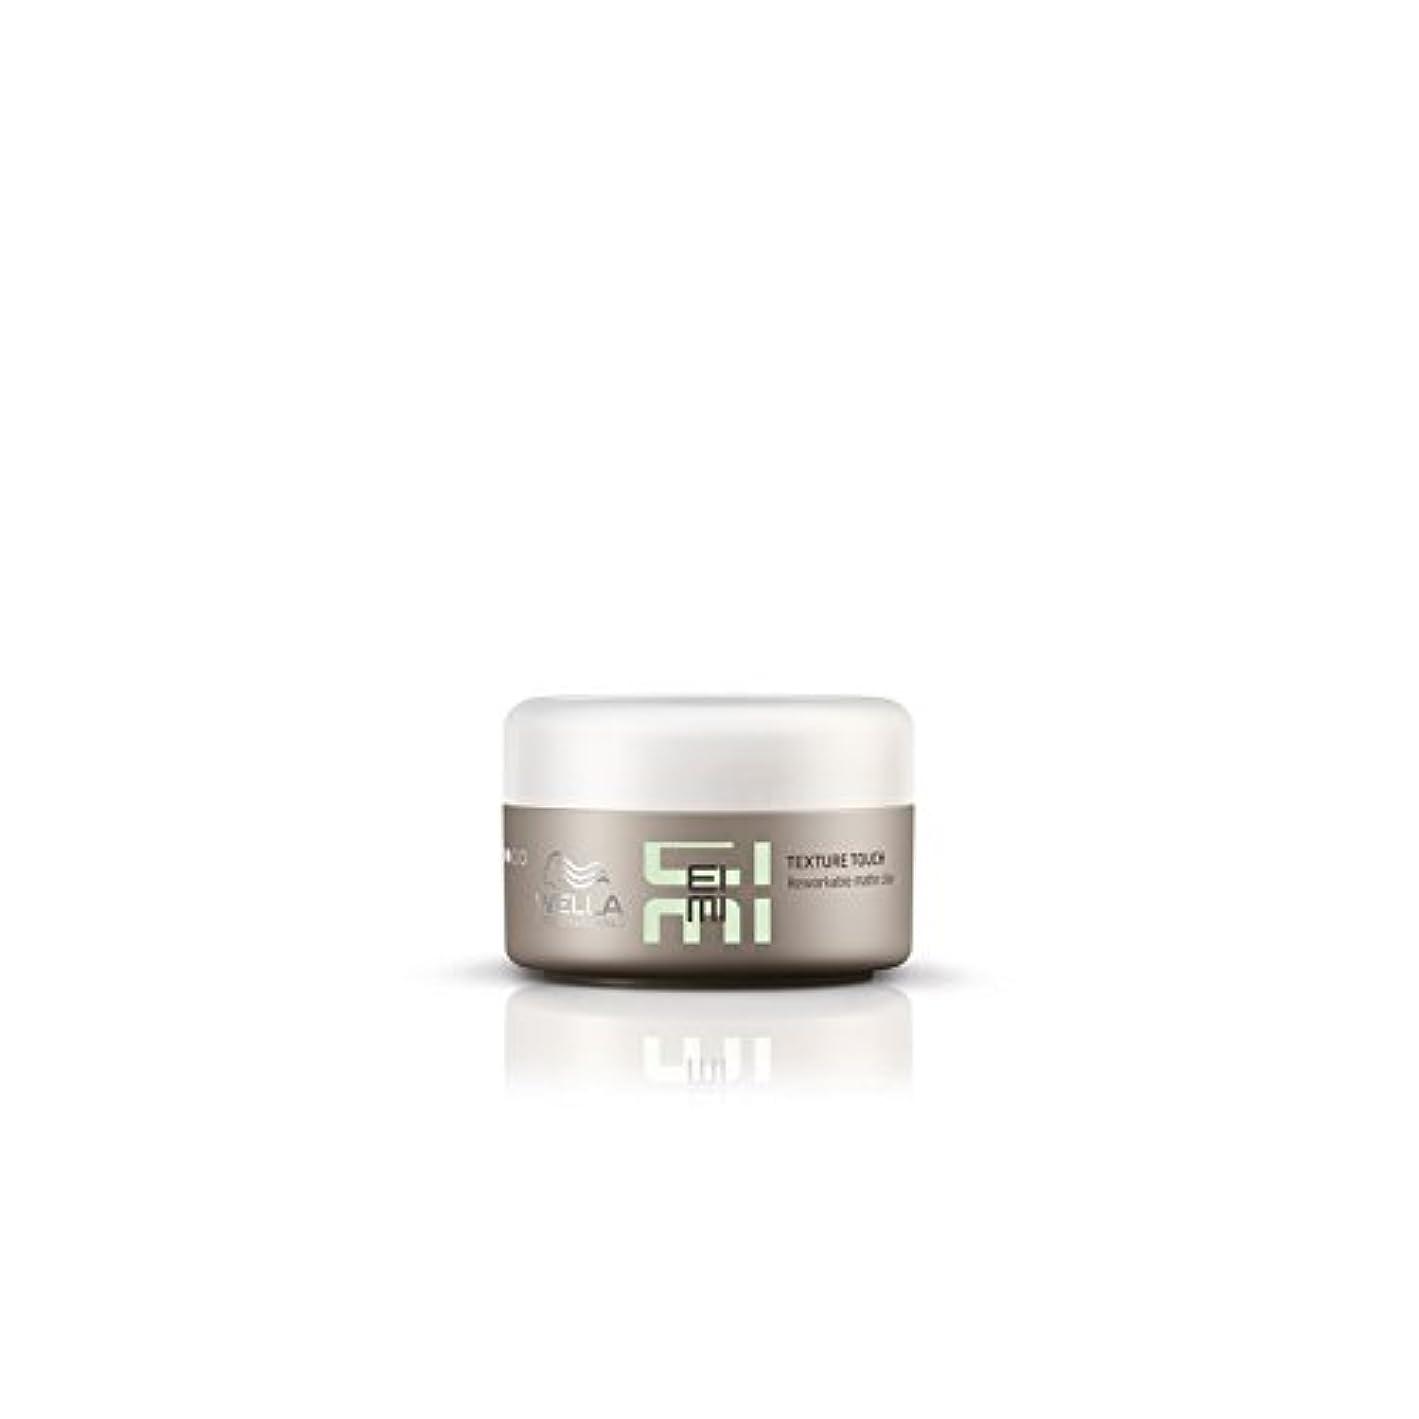 ヒット方法豆腐Wella Professionals Eimi Texture Touch Clay (75ml) (Pack of 6) - ウエラ専門家テクスチャタッチ粘土(75ミリリットル) x6 [並行輸入品]